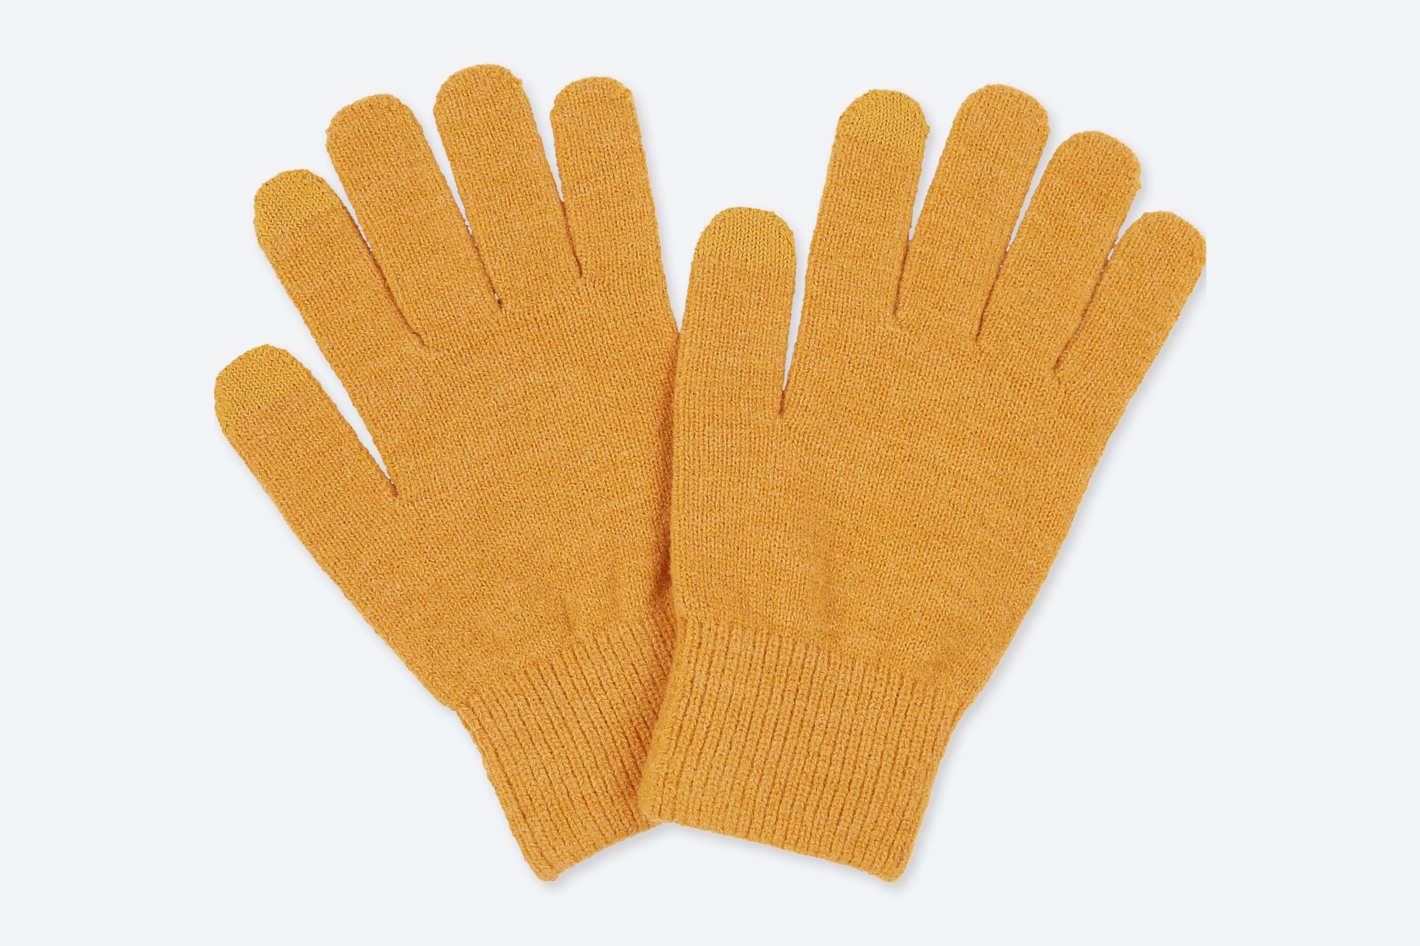 Uniqlo Men's Heattech Knitted Gloves